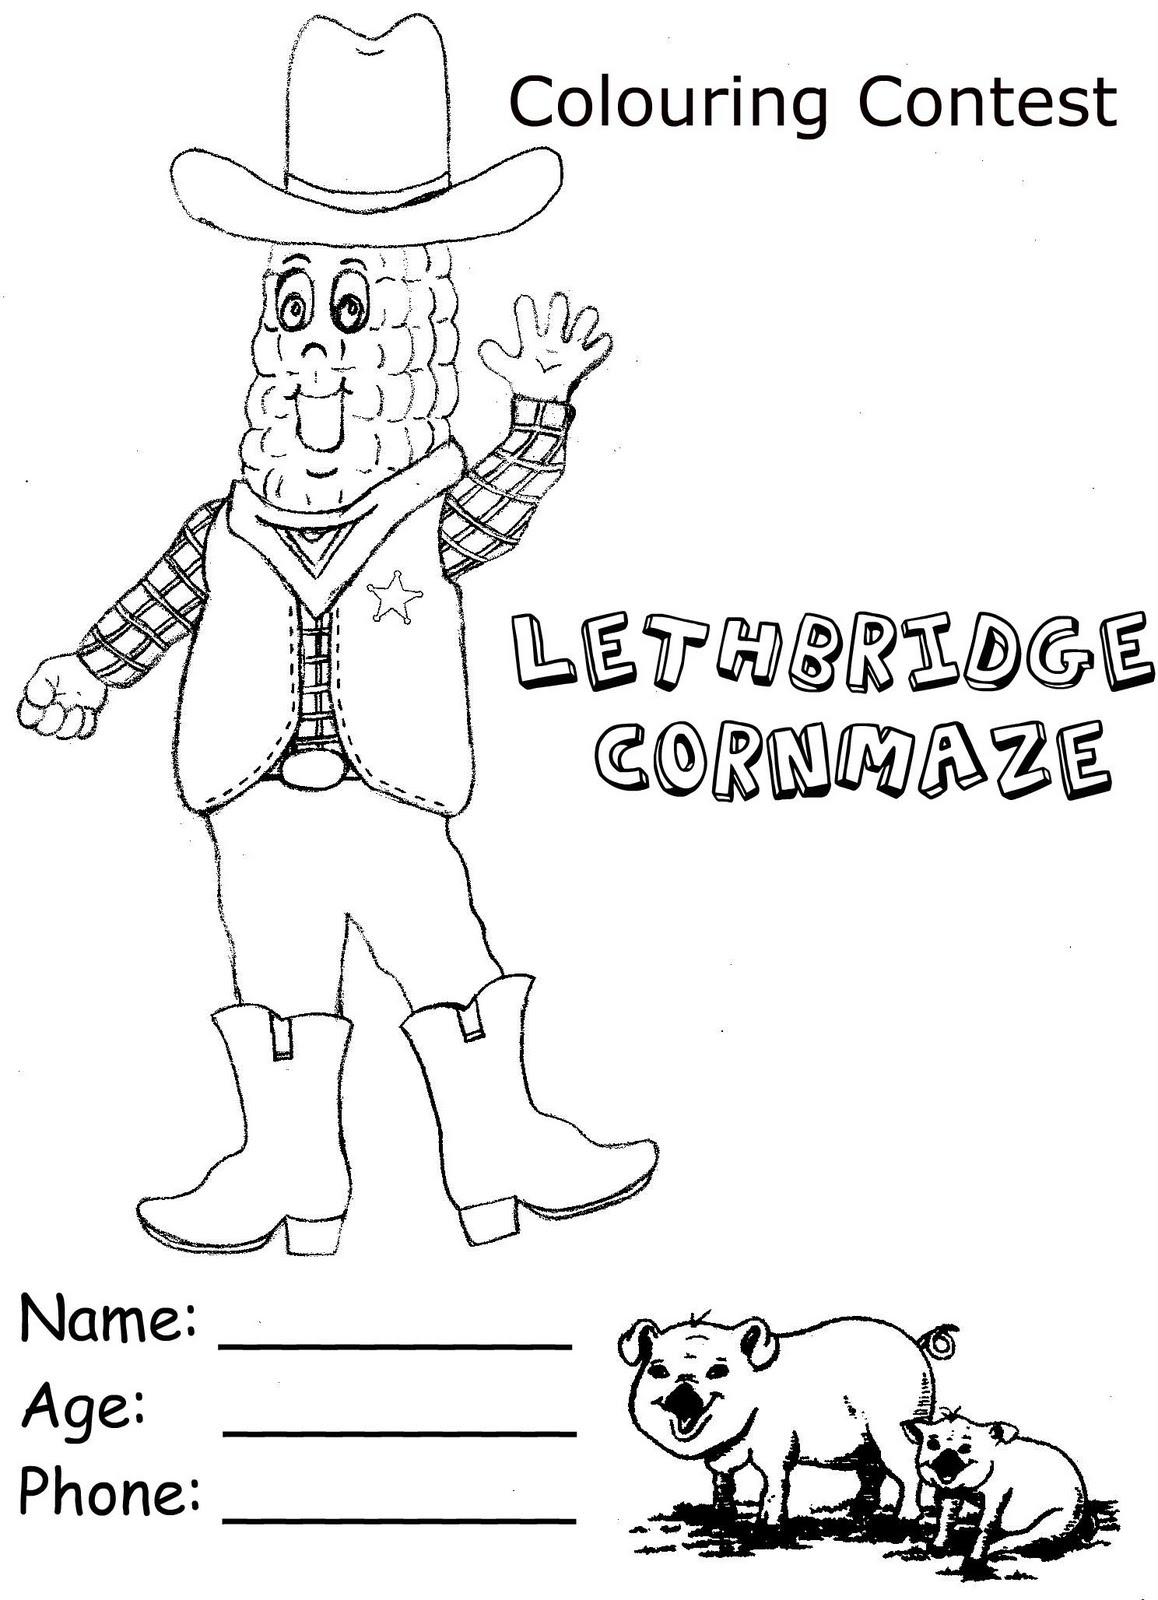 Lethbridge Cornmaze